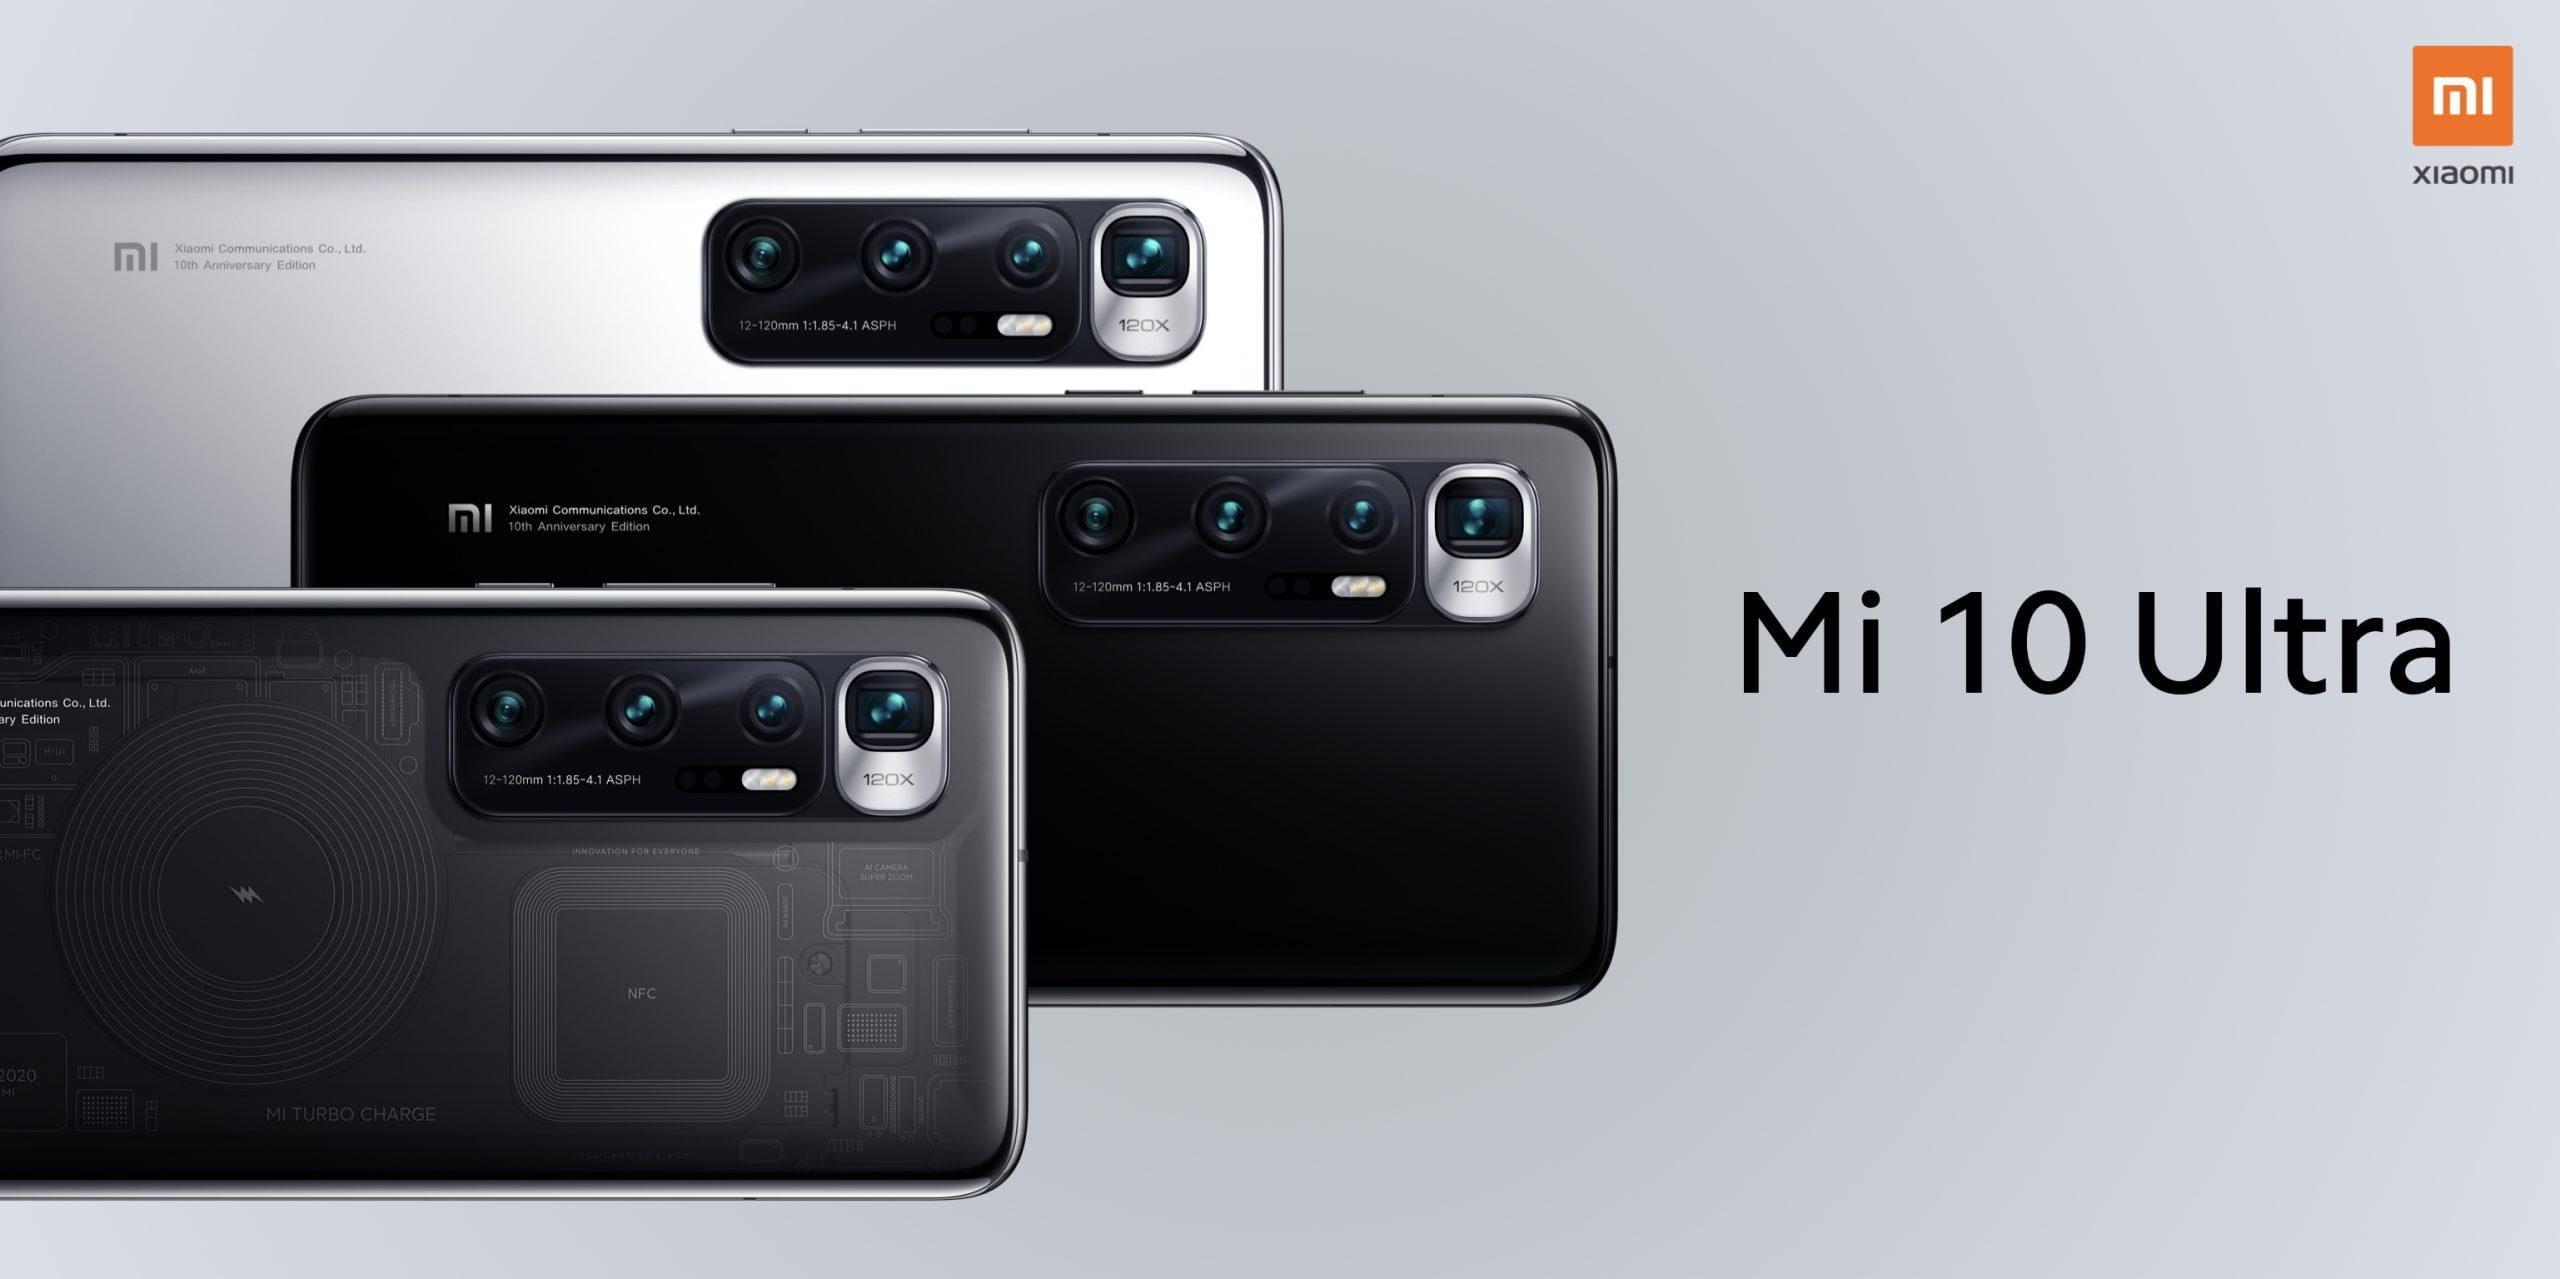 Xiaomi Mi 10 Ultra Vorstellung, Preise & Verfügbarkeit techboys.de • smarte News, auf den Punkt!